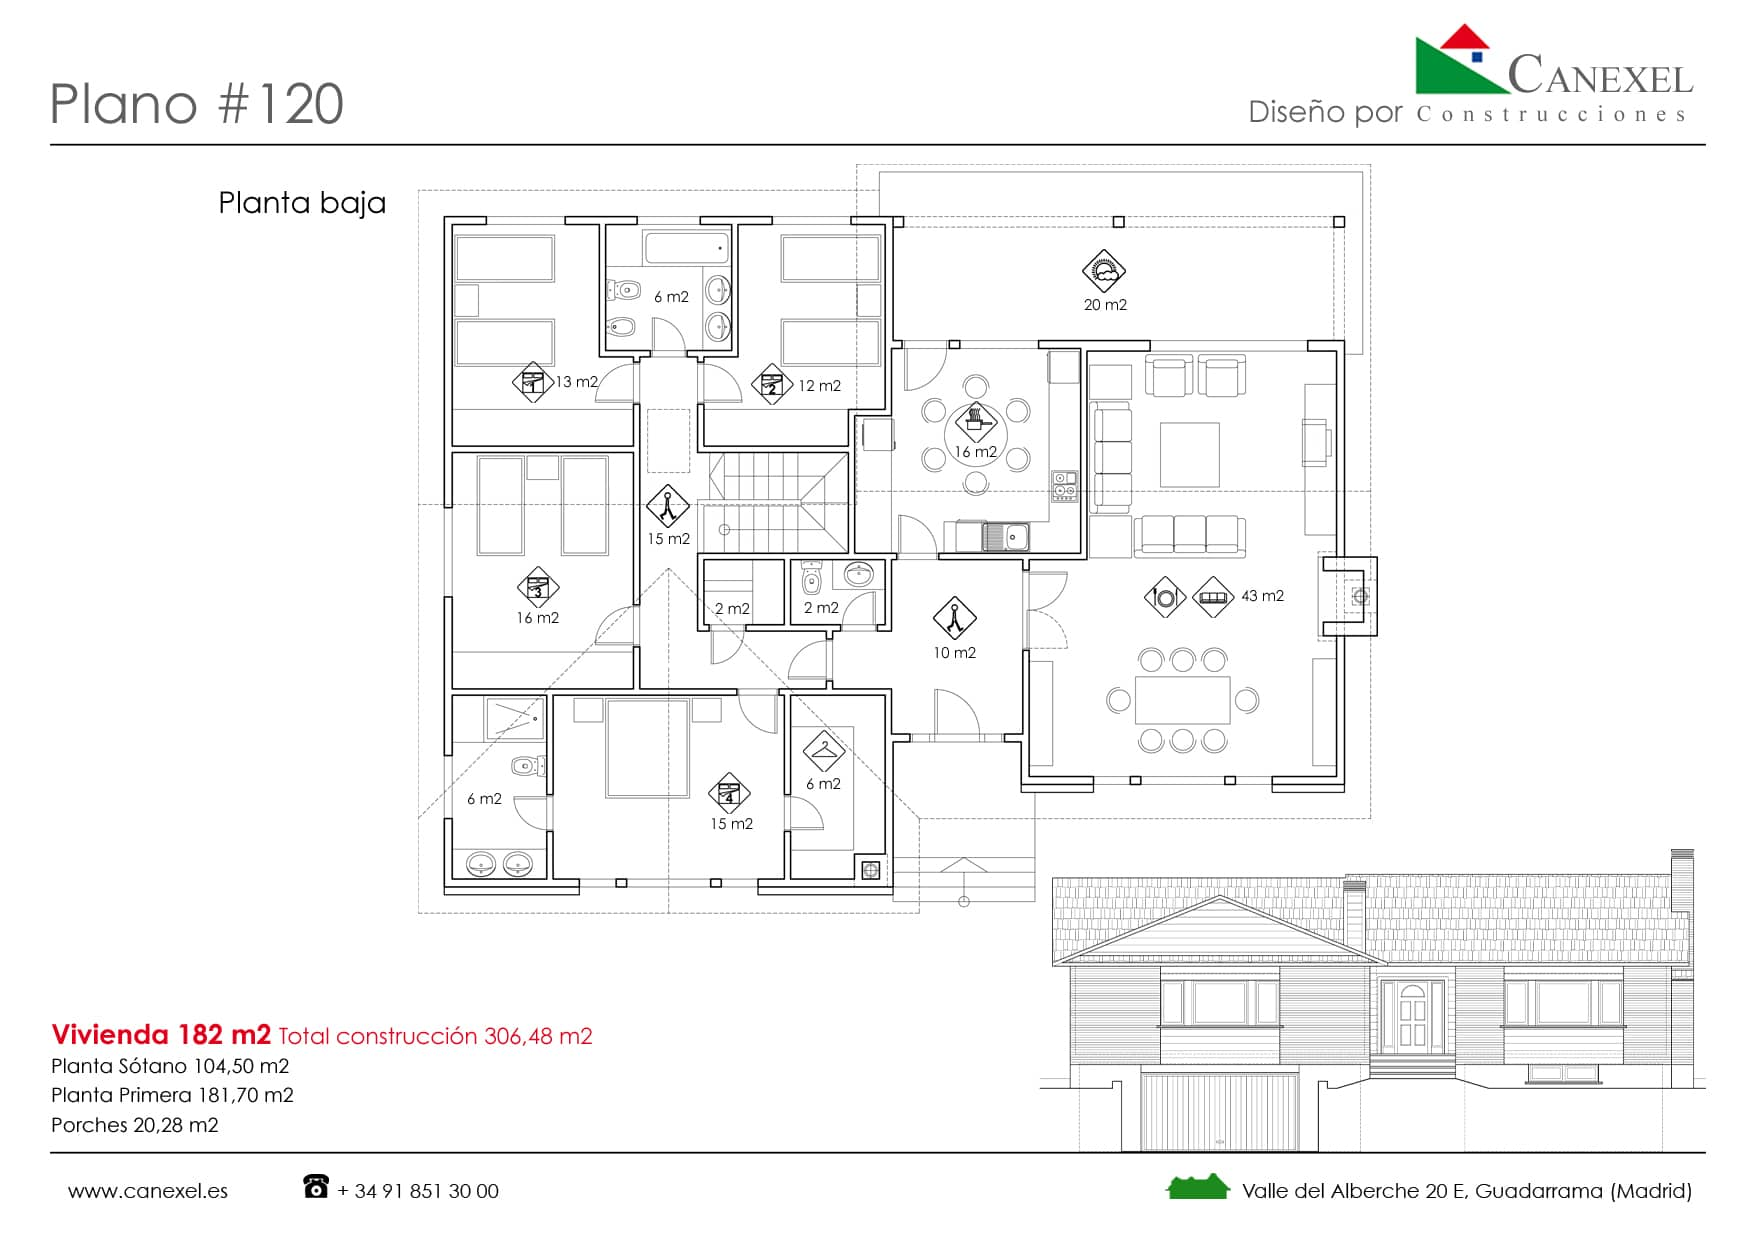 Planos de casas de una planta canexel for Planos de casas de una planta de 120 metros cuadrados